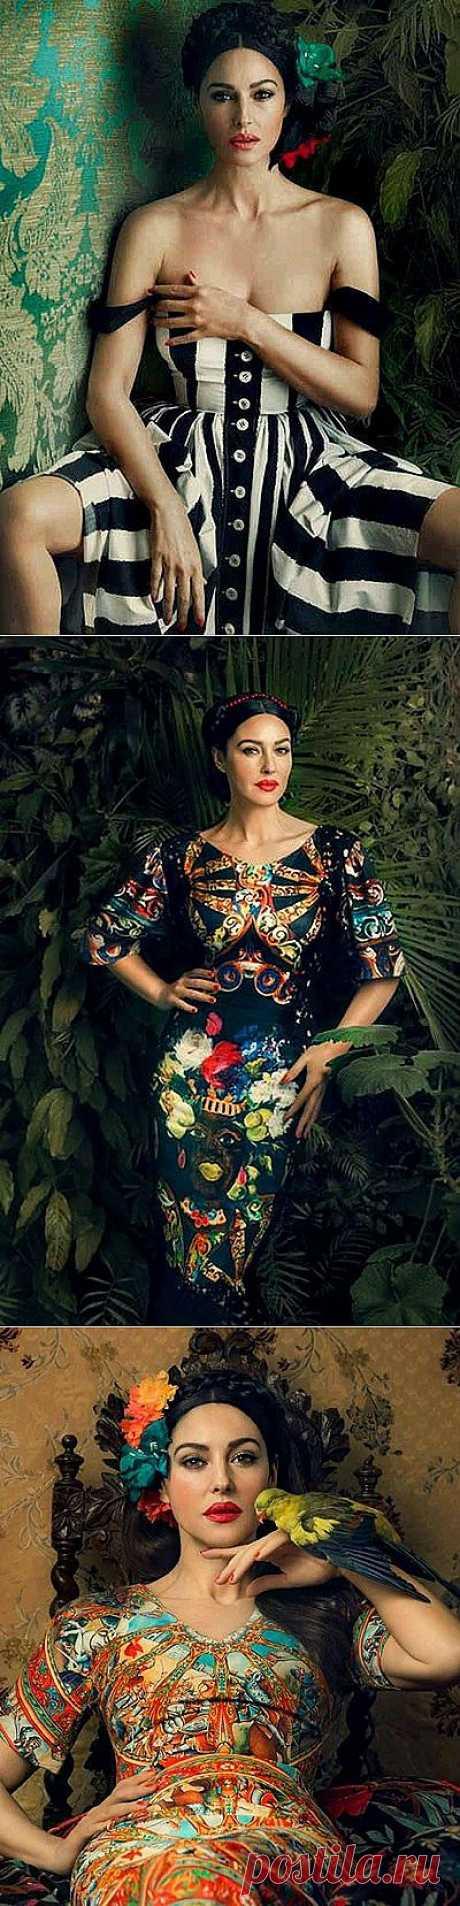 Потрясающая Моника Беллуччи в мартовском номере укринского Harper's Bazaar